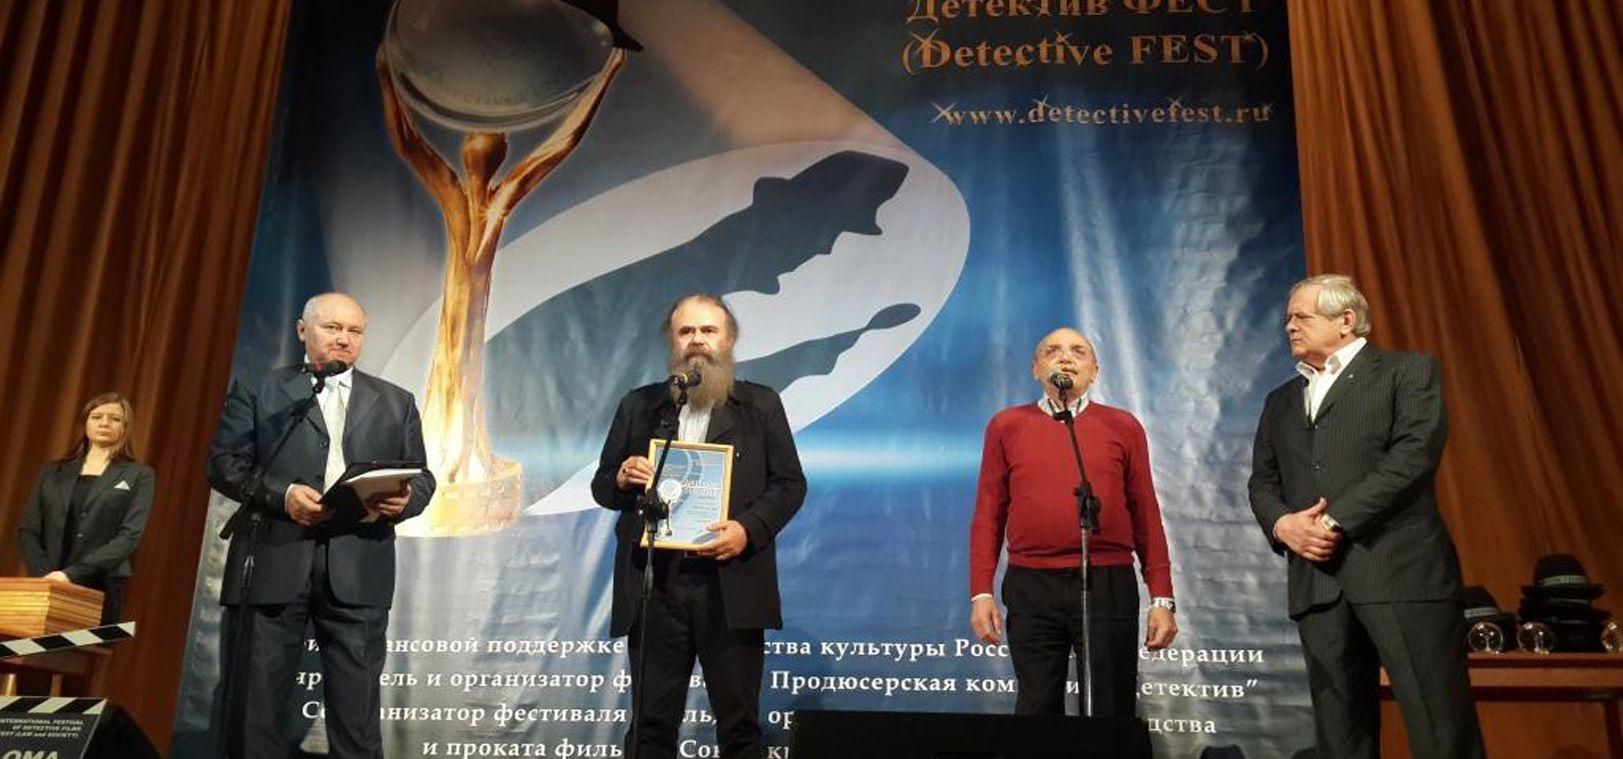 Azeri Sahar Tv | Москве прошел XVII Международный фестиваль детективных фильмов  «DetectiveFEST» |